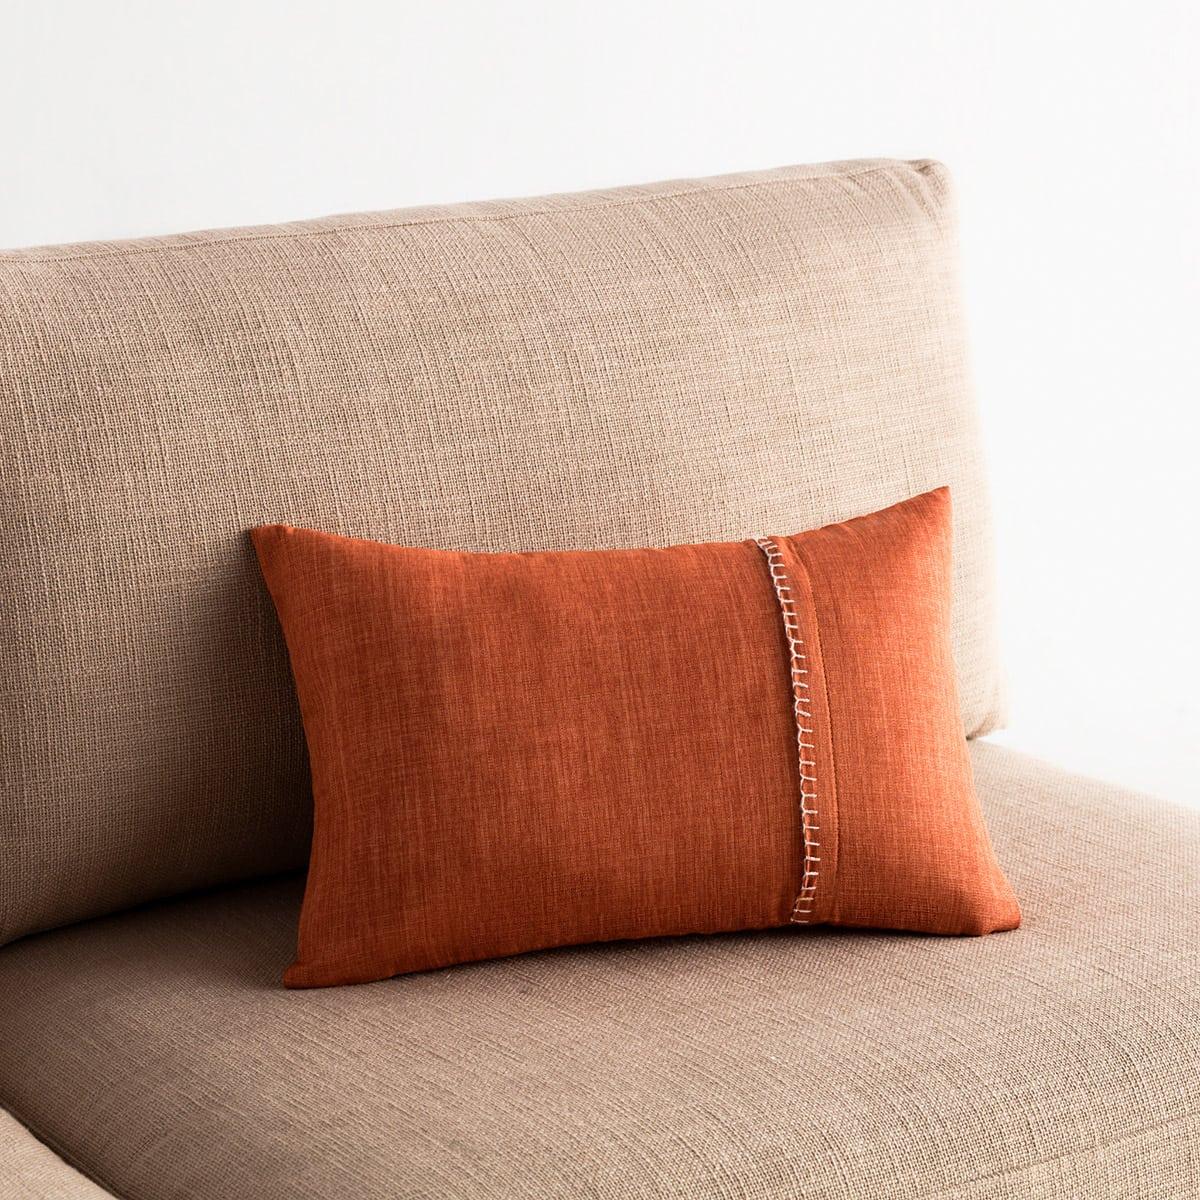 Μαξιλαροθήκη Διακοσμητική Chrome 930C/13 Tan-Off White Gofis Home 30Χ50 100% Polyester